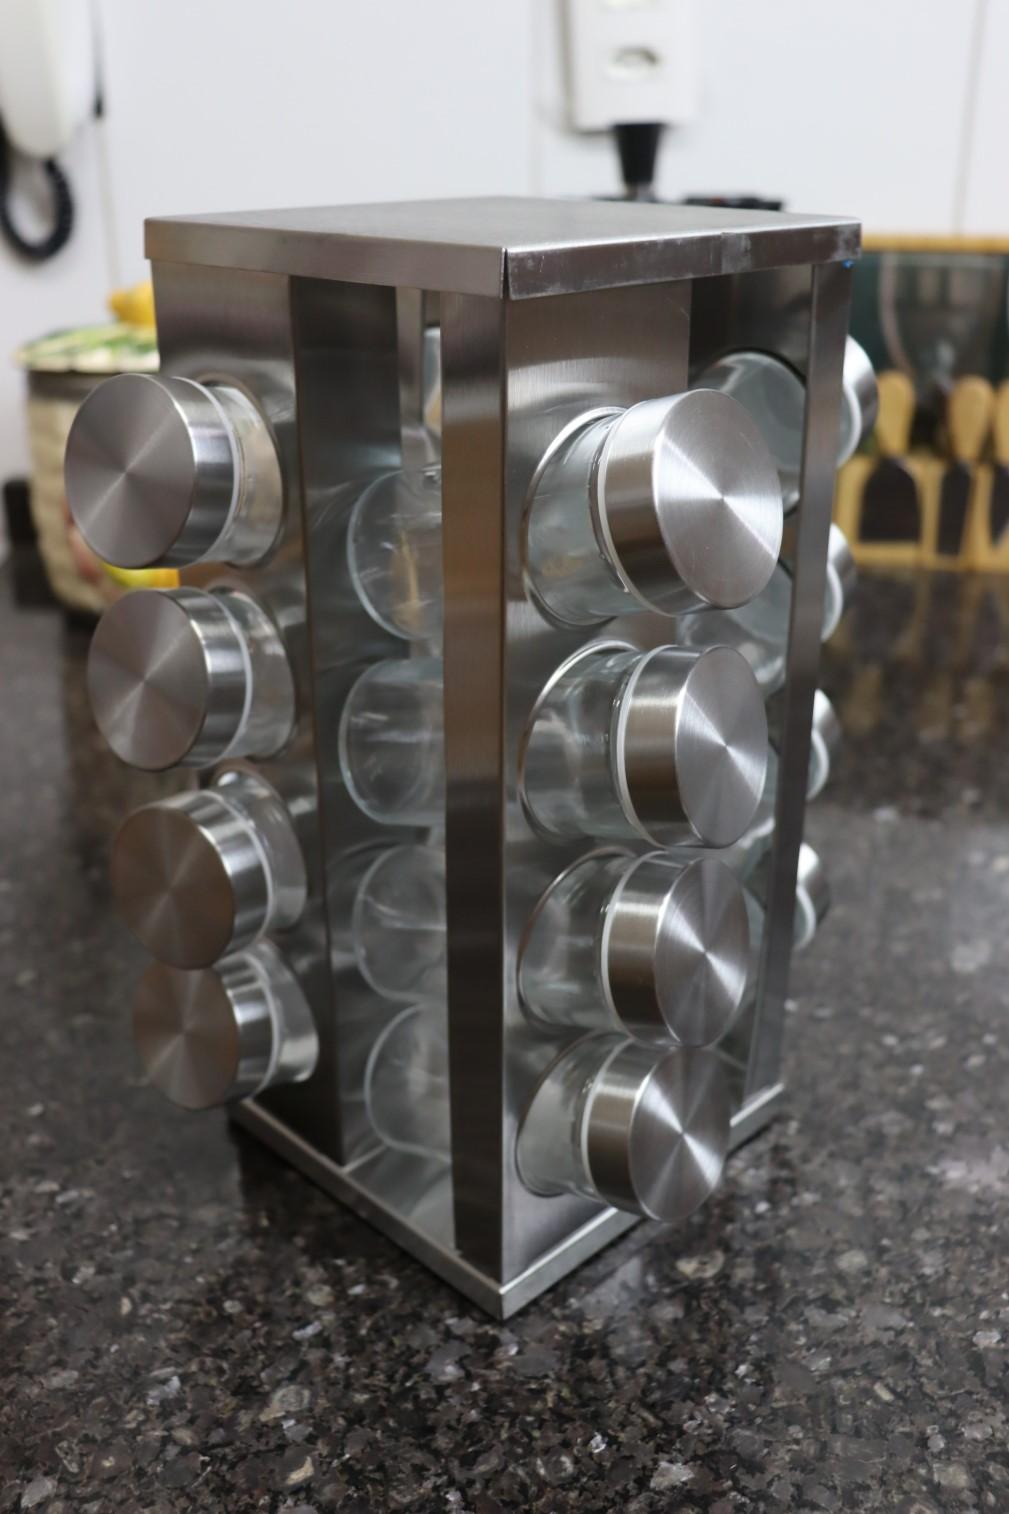 Porta temperos organizador de cozinha giratório condimentos 16 potes vidro